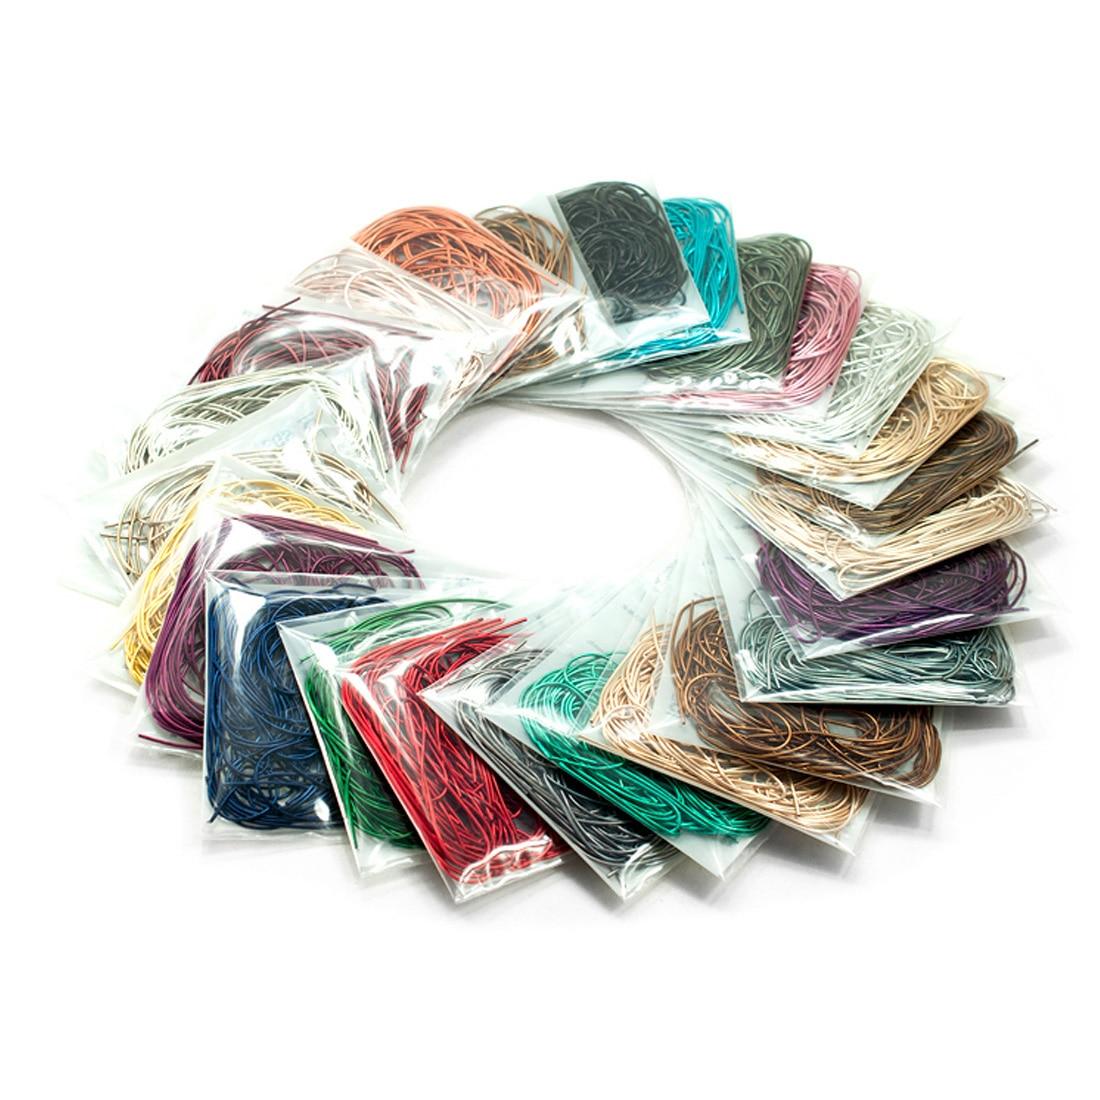 10 g/bolsa ronda de seda hilo de costura herramientas accesorios costura bordado Kit de seda DIY decoración de fiesta